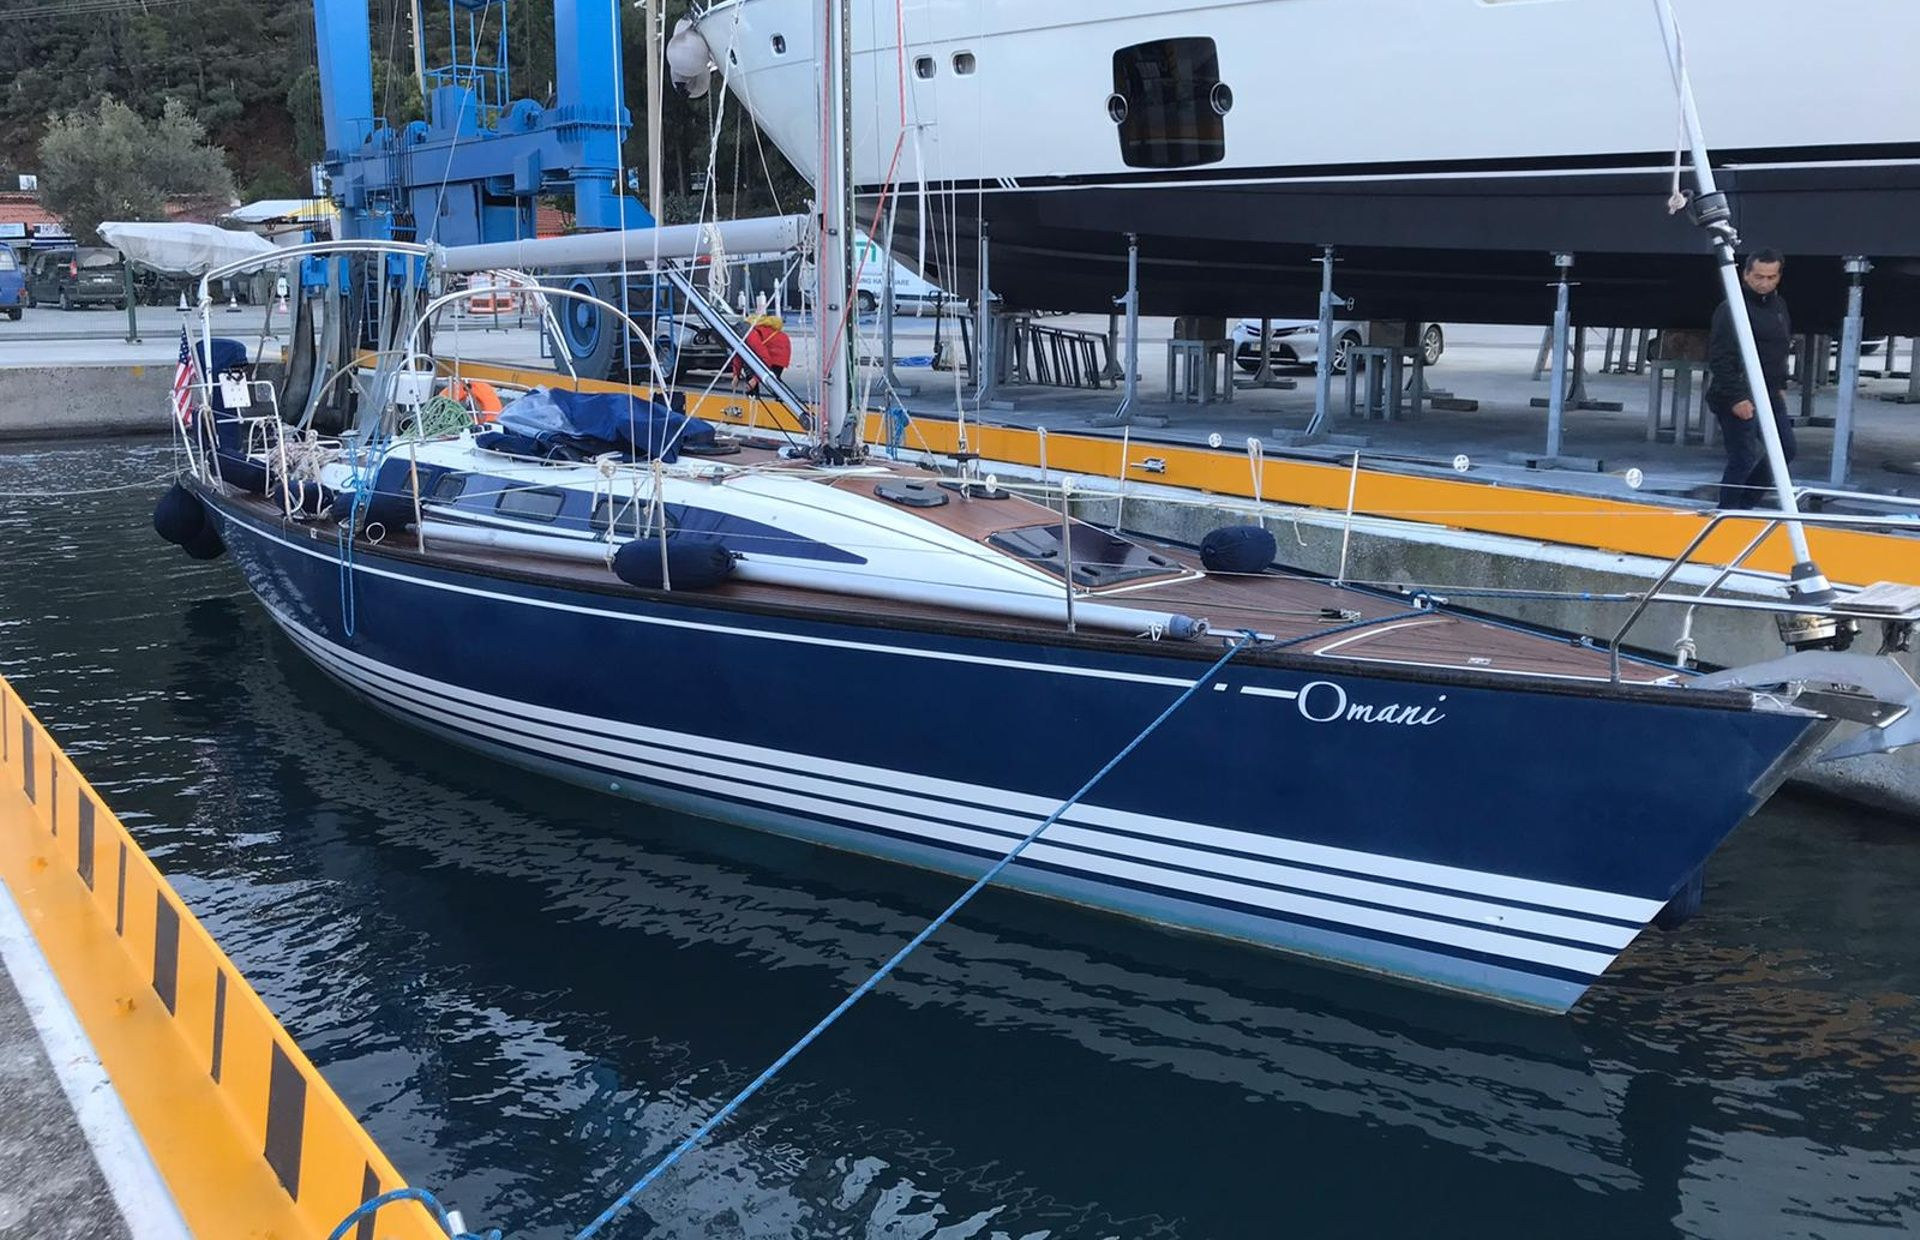 https://media.insailing.com/boat/omani/image_1581533173381.jpg